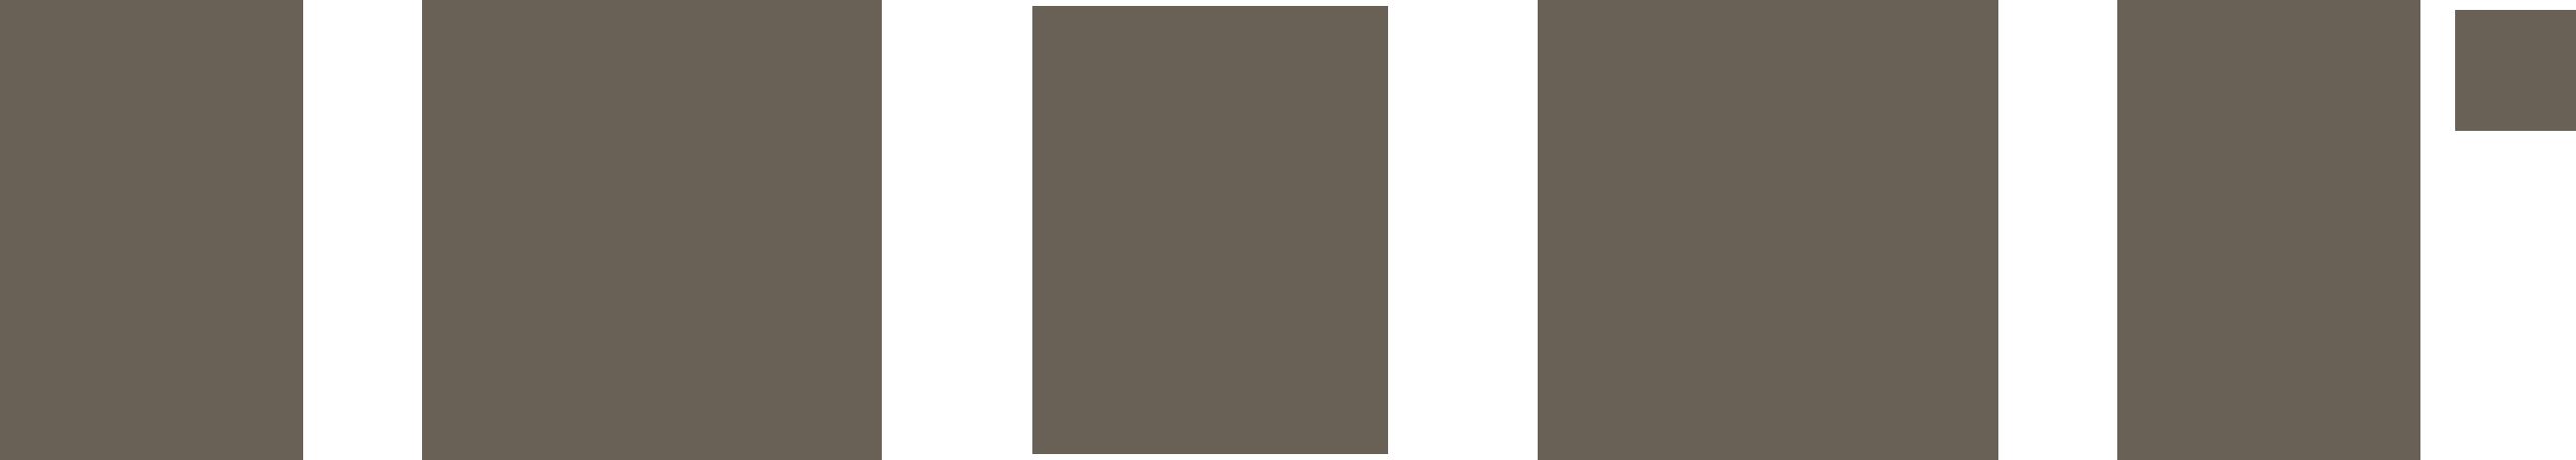 Sonos Logos.